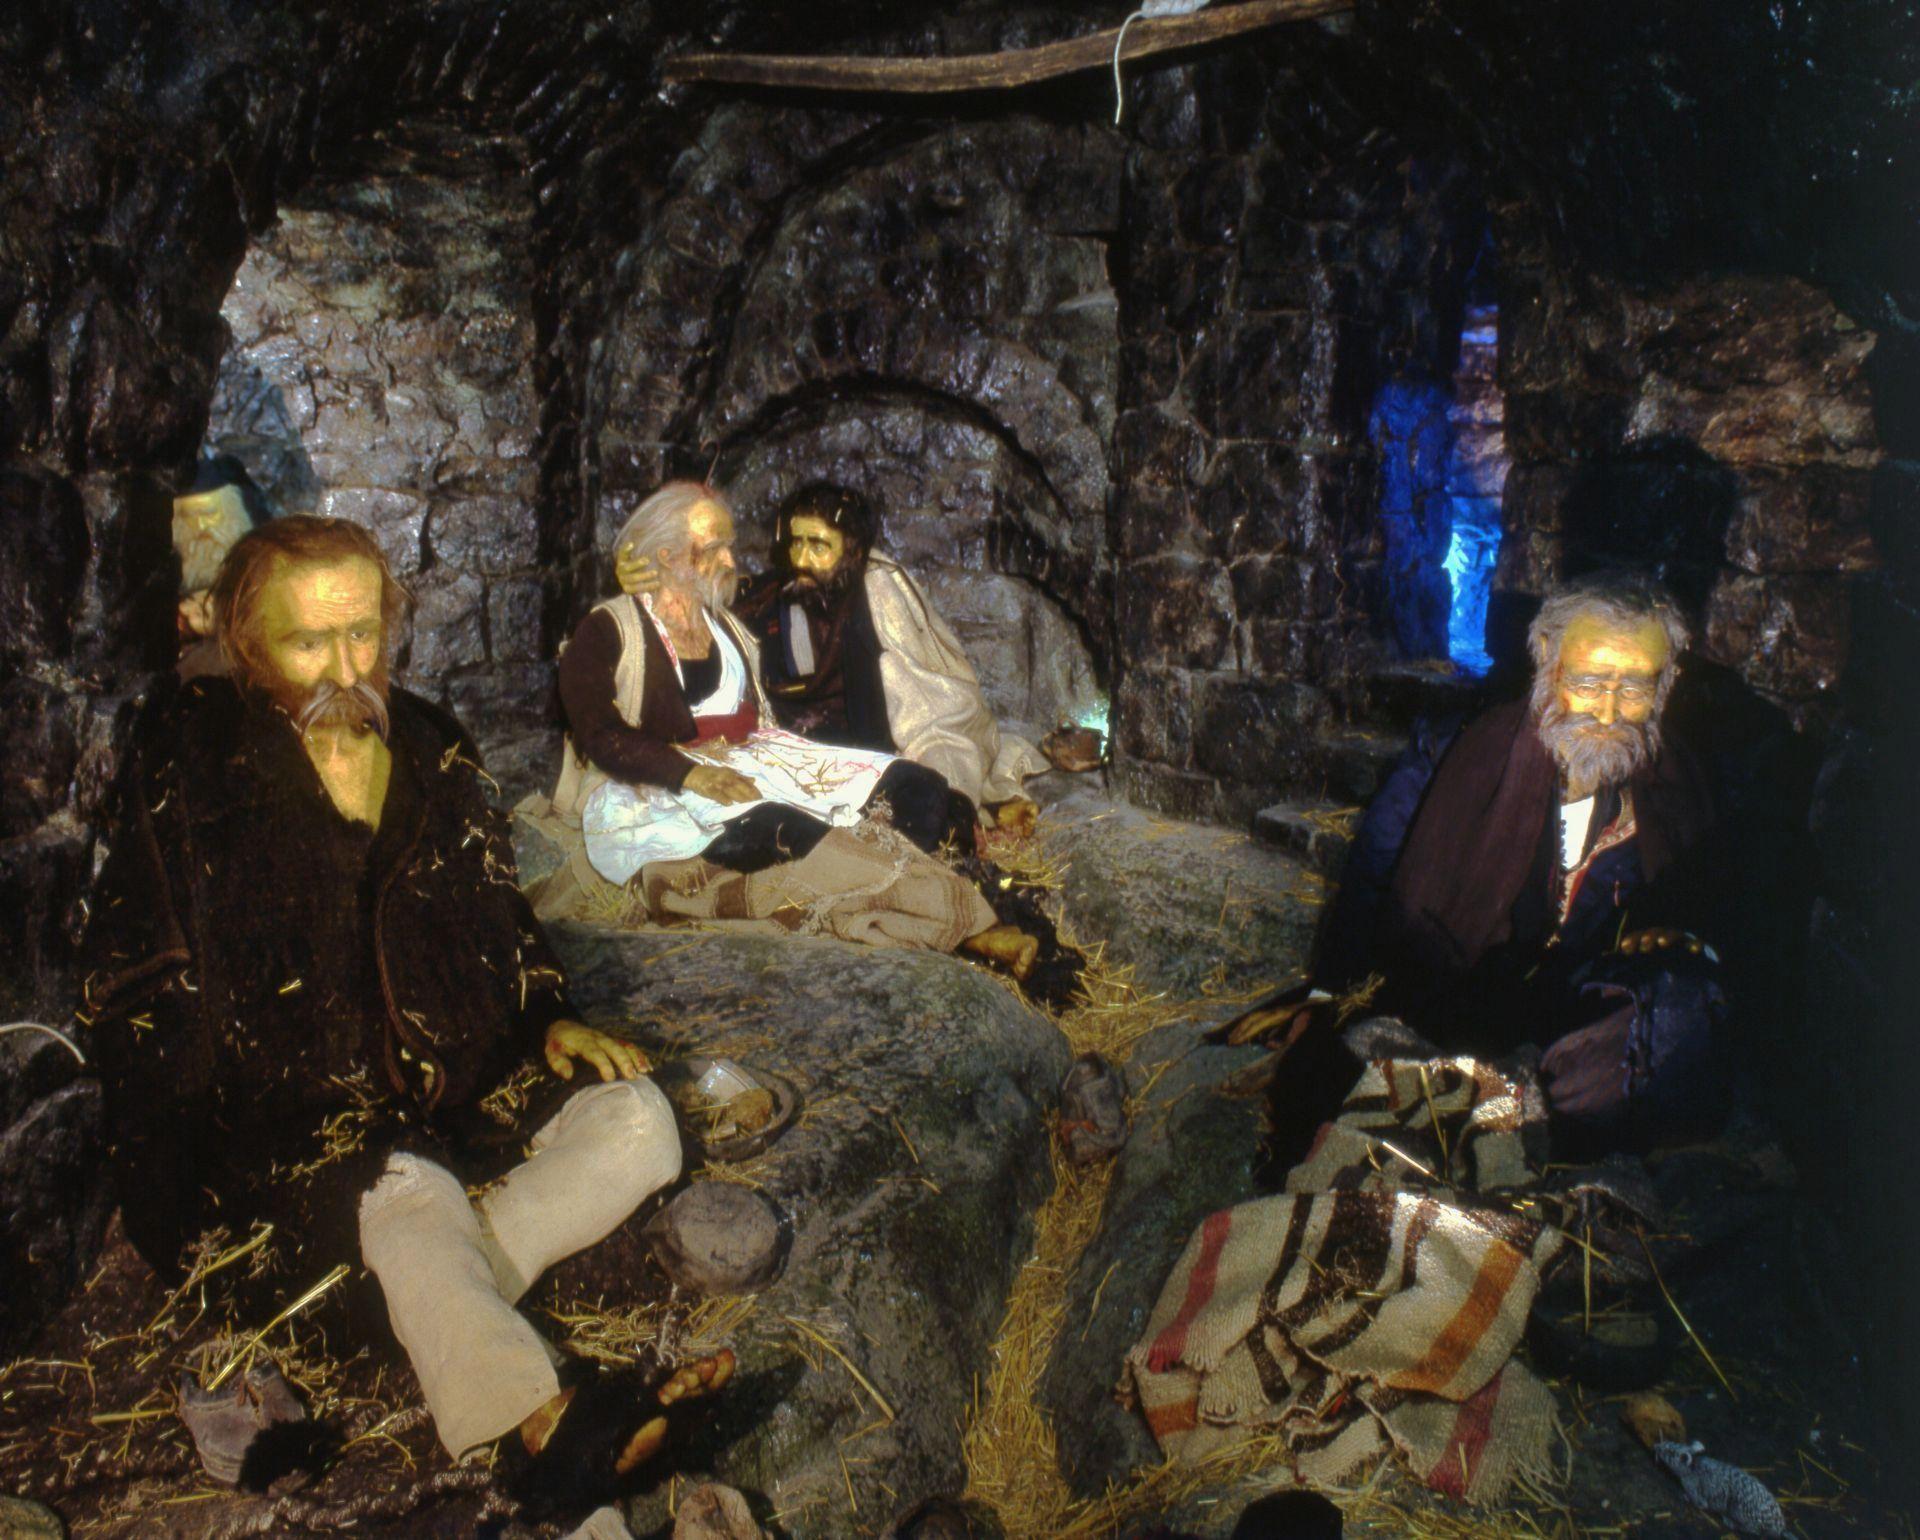 Ο σκλαβωμένος ελληνισμός στις φυλακές, Μουσείο Ελληνικής Ιστορίας ...